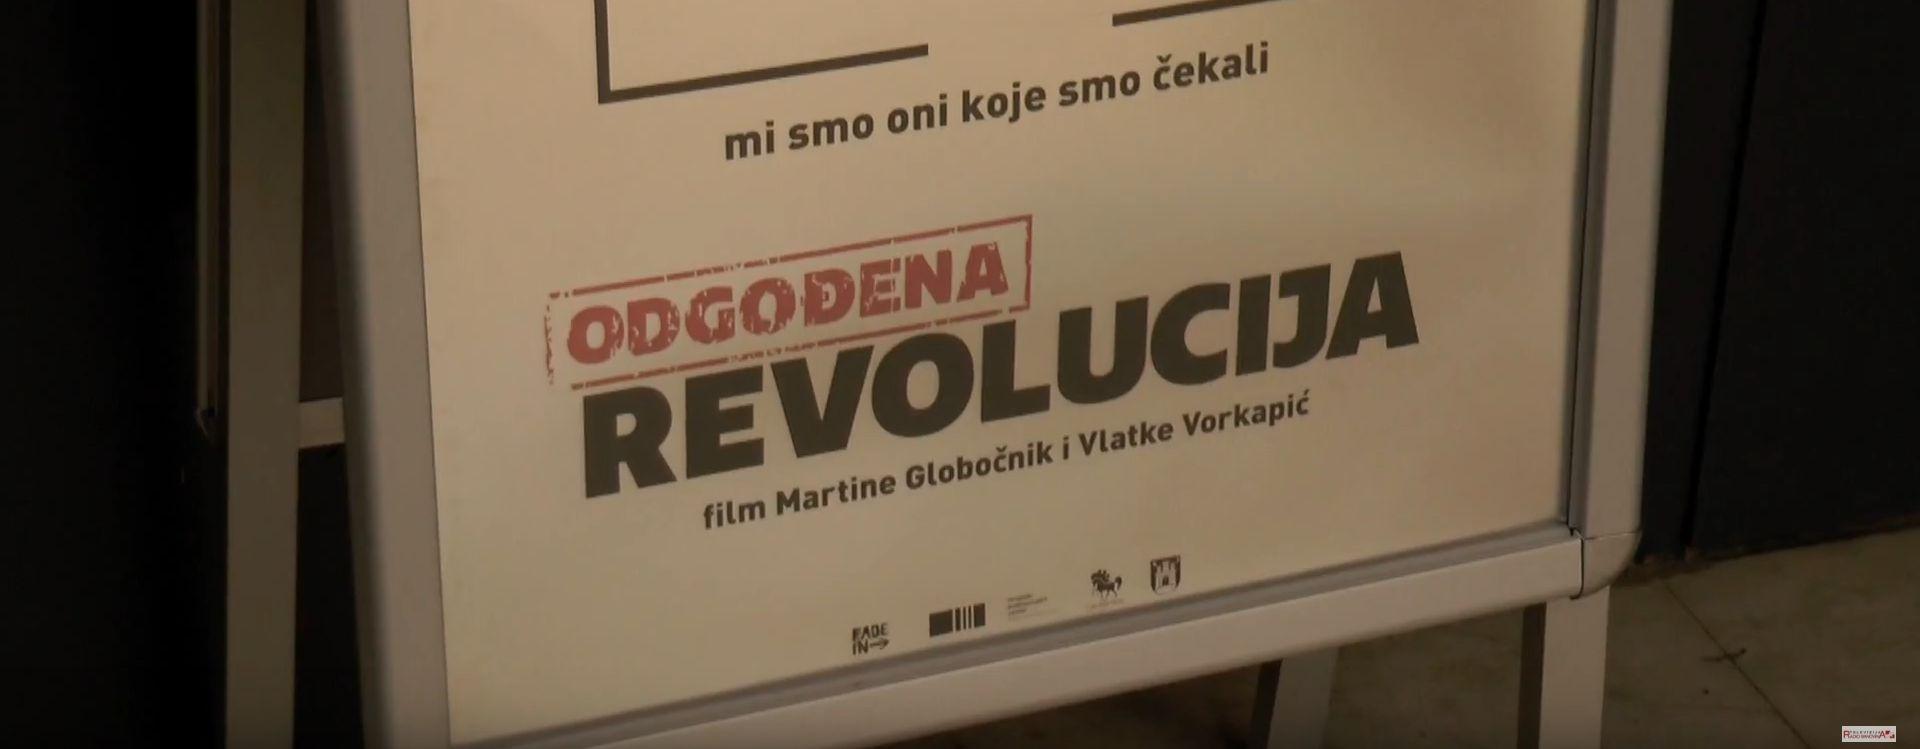 Premijera 'Odgođene revolucije' u riječkom Art-kinu